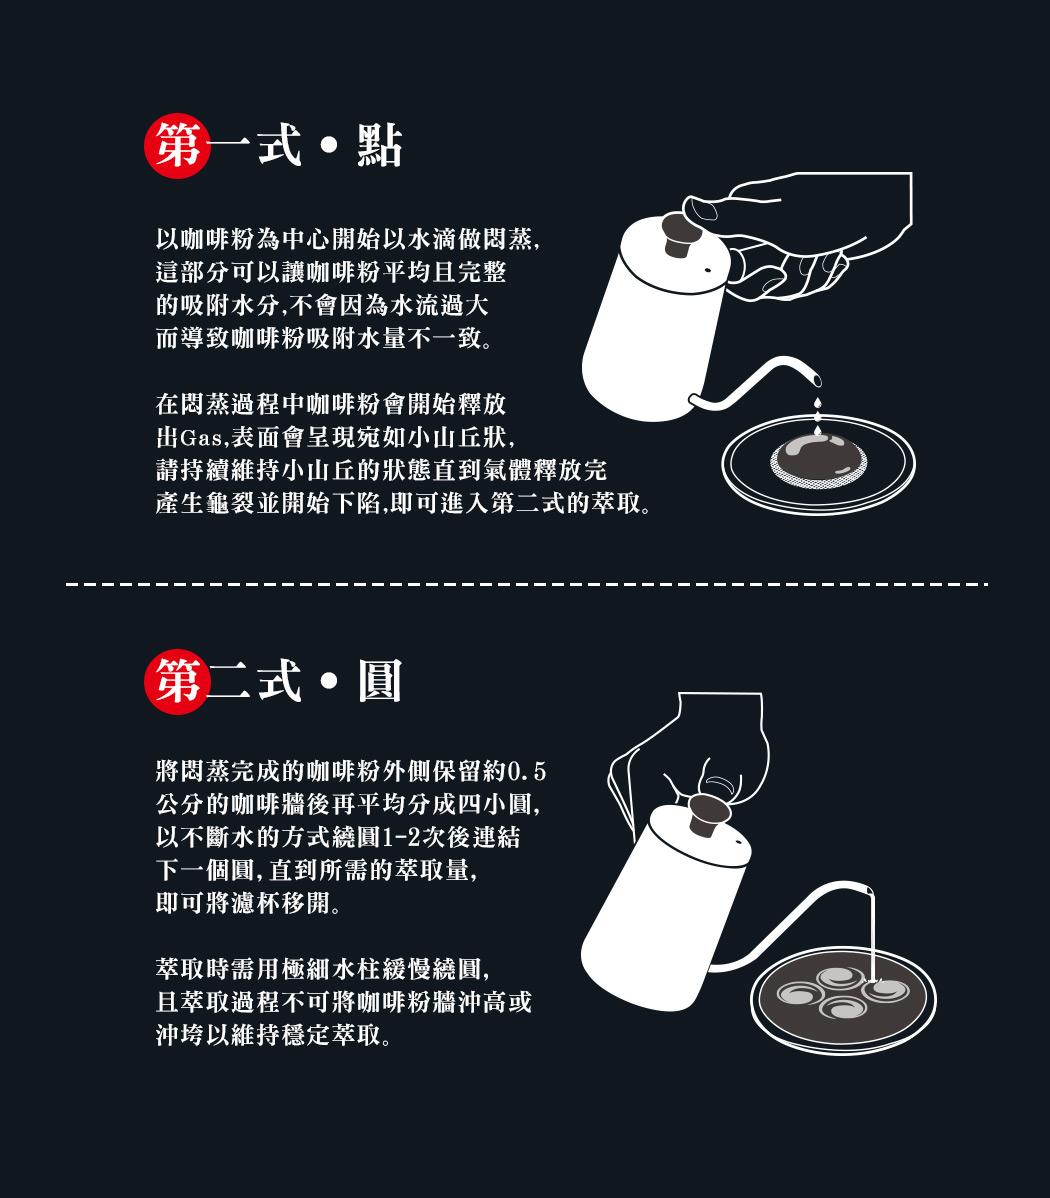 第一式-點 以咖啡粉為中心開始以水滴做悶蒸,這部分可以讓咖啡粉平均且完整的吸附水分,在悶蒸過程中咖啡粉會開始釋放出Gas,表面會呈現宛如小山丘狀,請持續維持小山丘的狀態直到氣體釋放完產生龜裂並開始下陷,即可進入第二式的萃取。第二式-圓 將悶蒸完成的咖啡粉外側保留約0.5公分的咖啡牆後再平均分成四小圓,萃取時需用極細水柱緩慢繞圓,且萃取過程不可將咖啡粉牆沖高或沖垮,萃取完成後的咖啡輕微的搖晃做均質動作,一杯河野流式的手沖咖啡即可完美呈現。